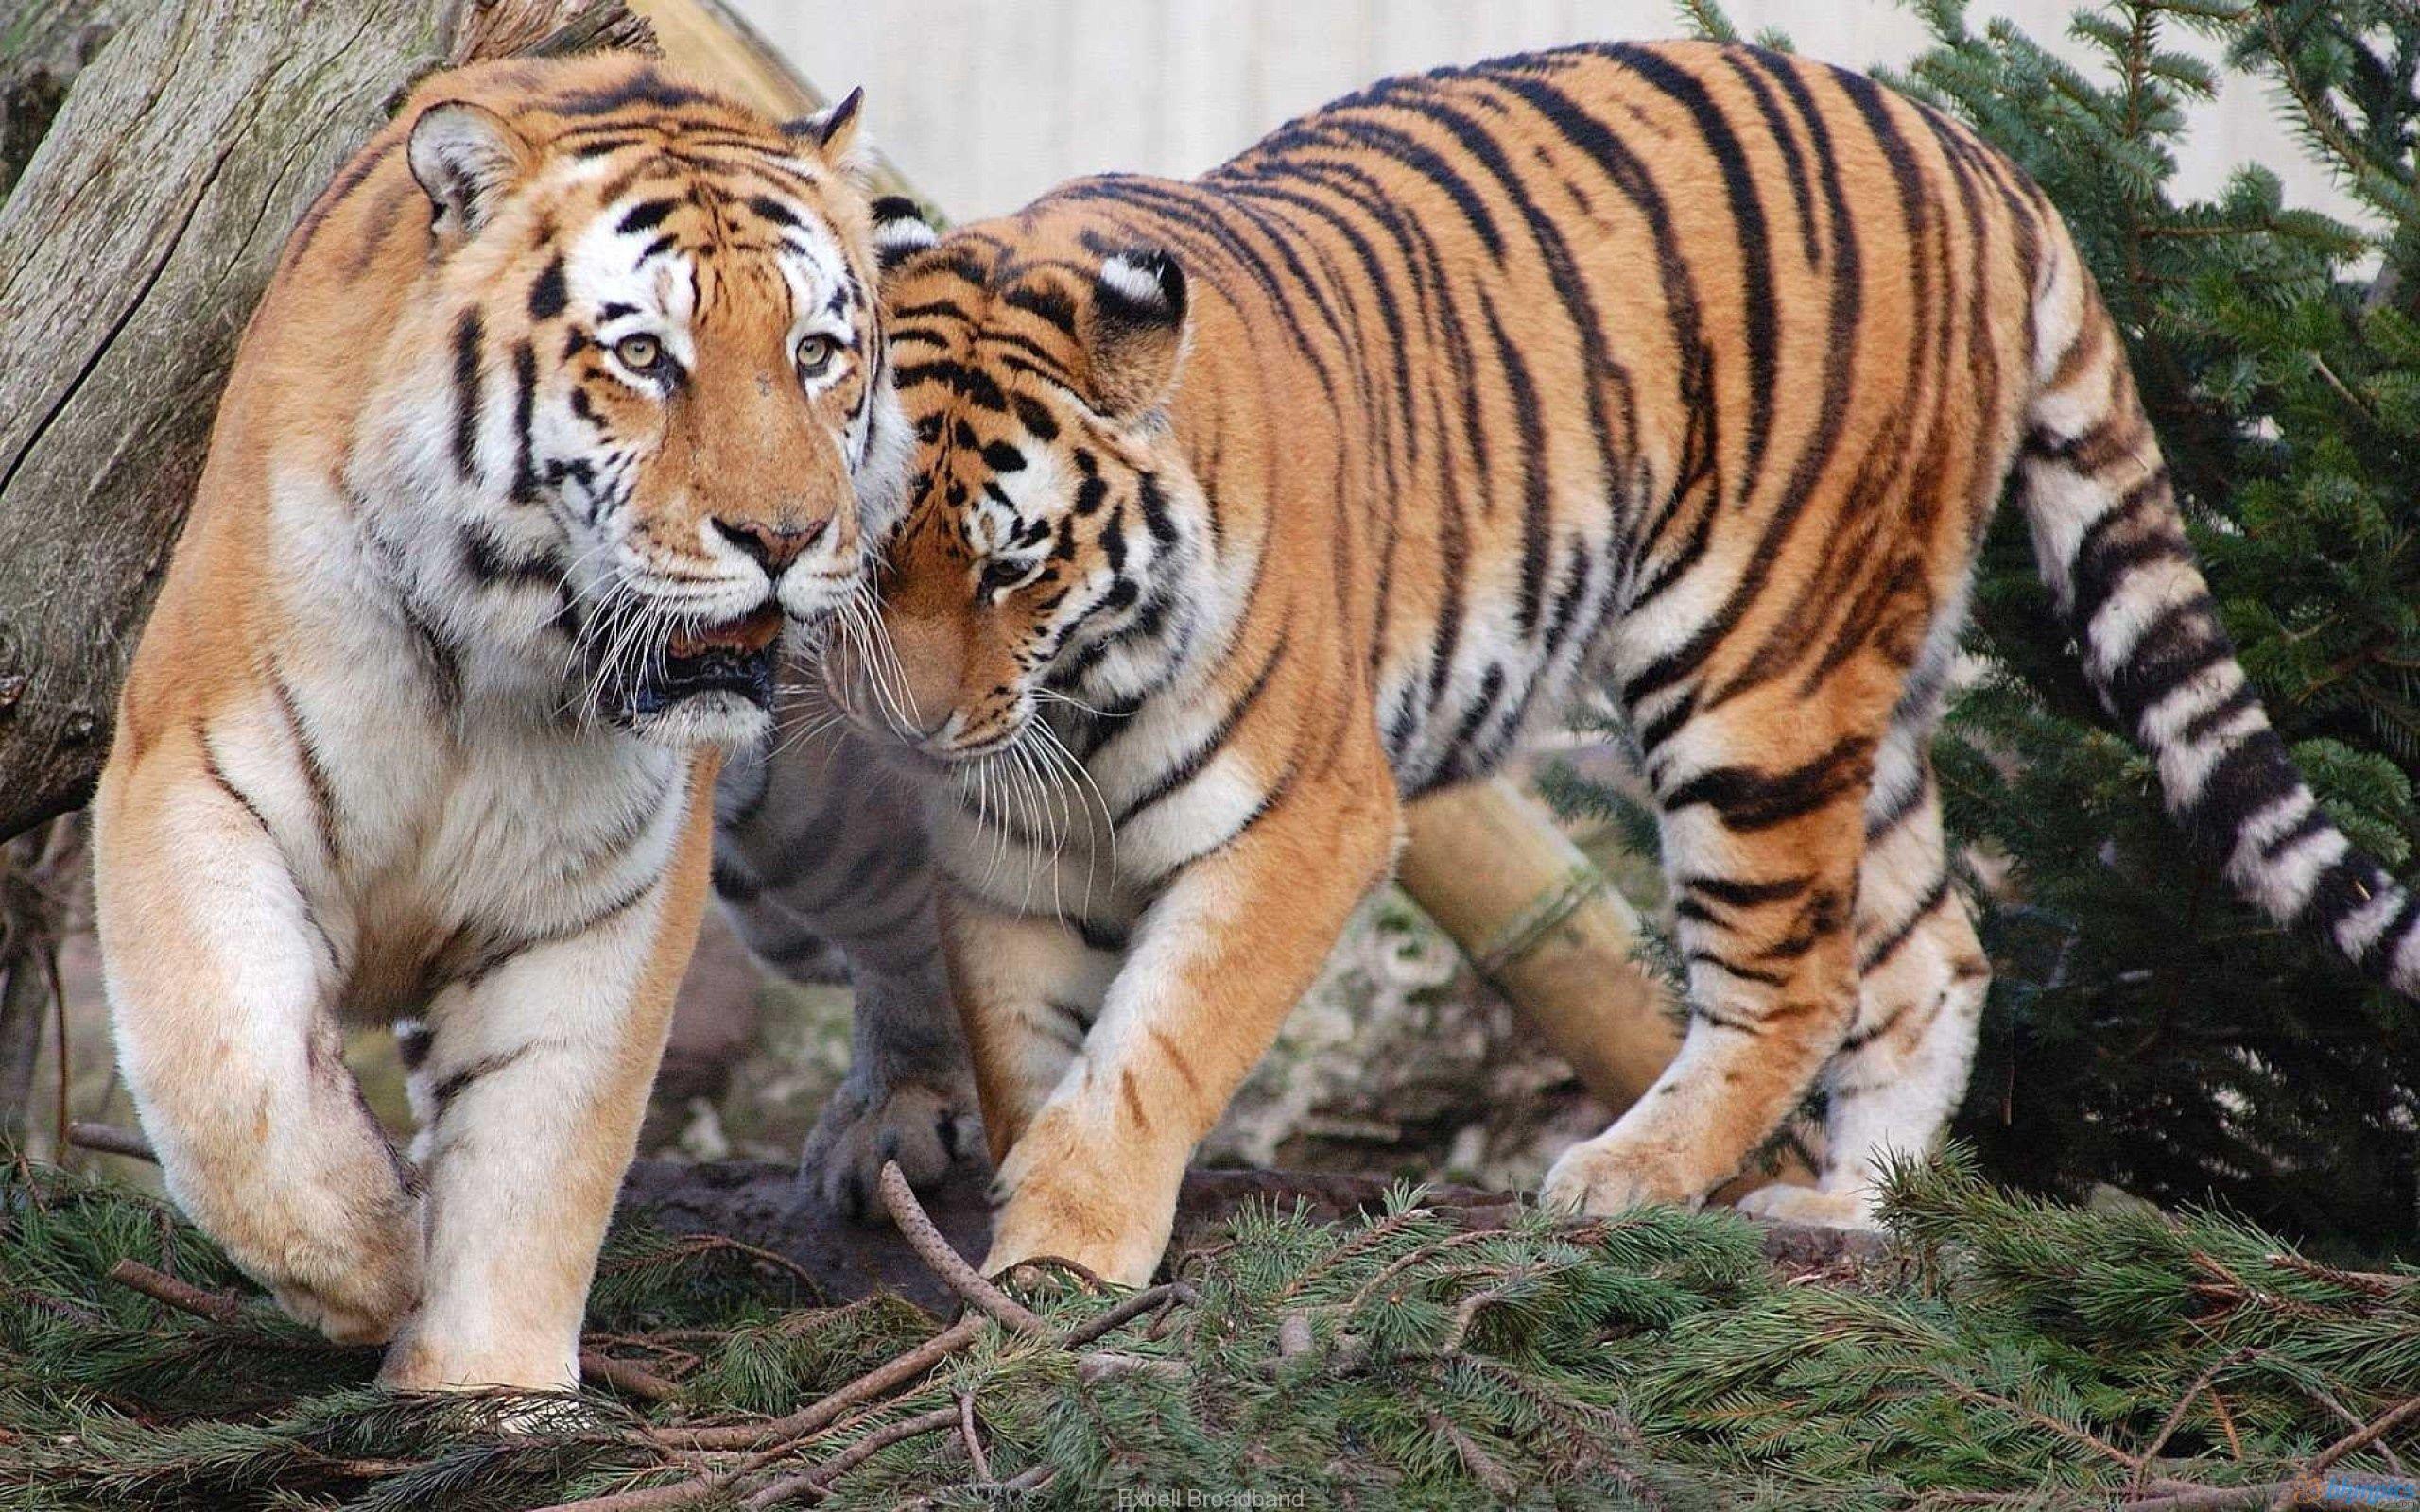 145027 Hintergrundbild herunterladen Tiere, Tigers, Paar, Raubtiere - Bildschirmschoner und Bilder kostenlos